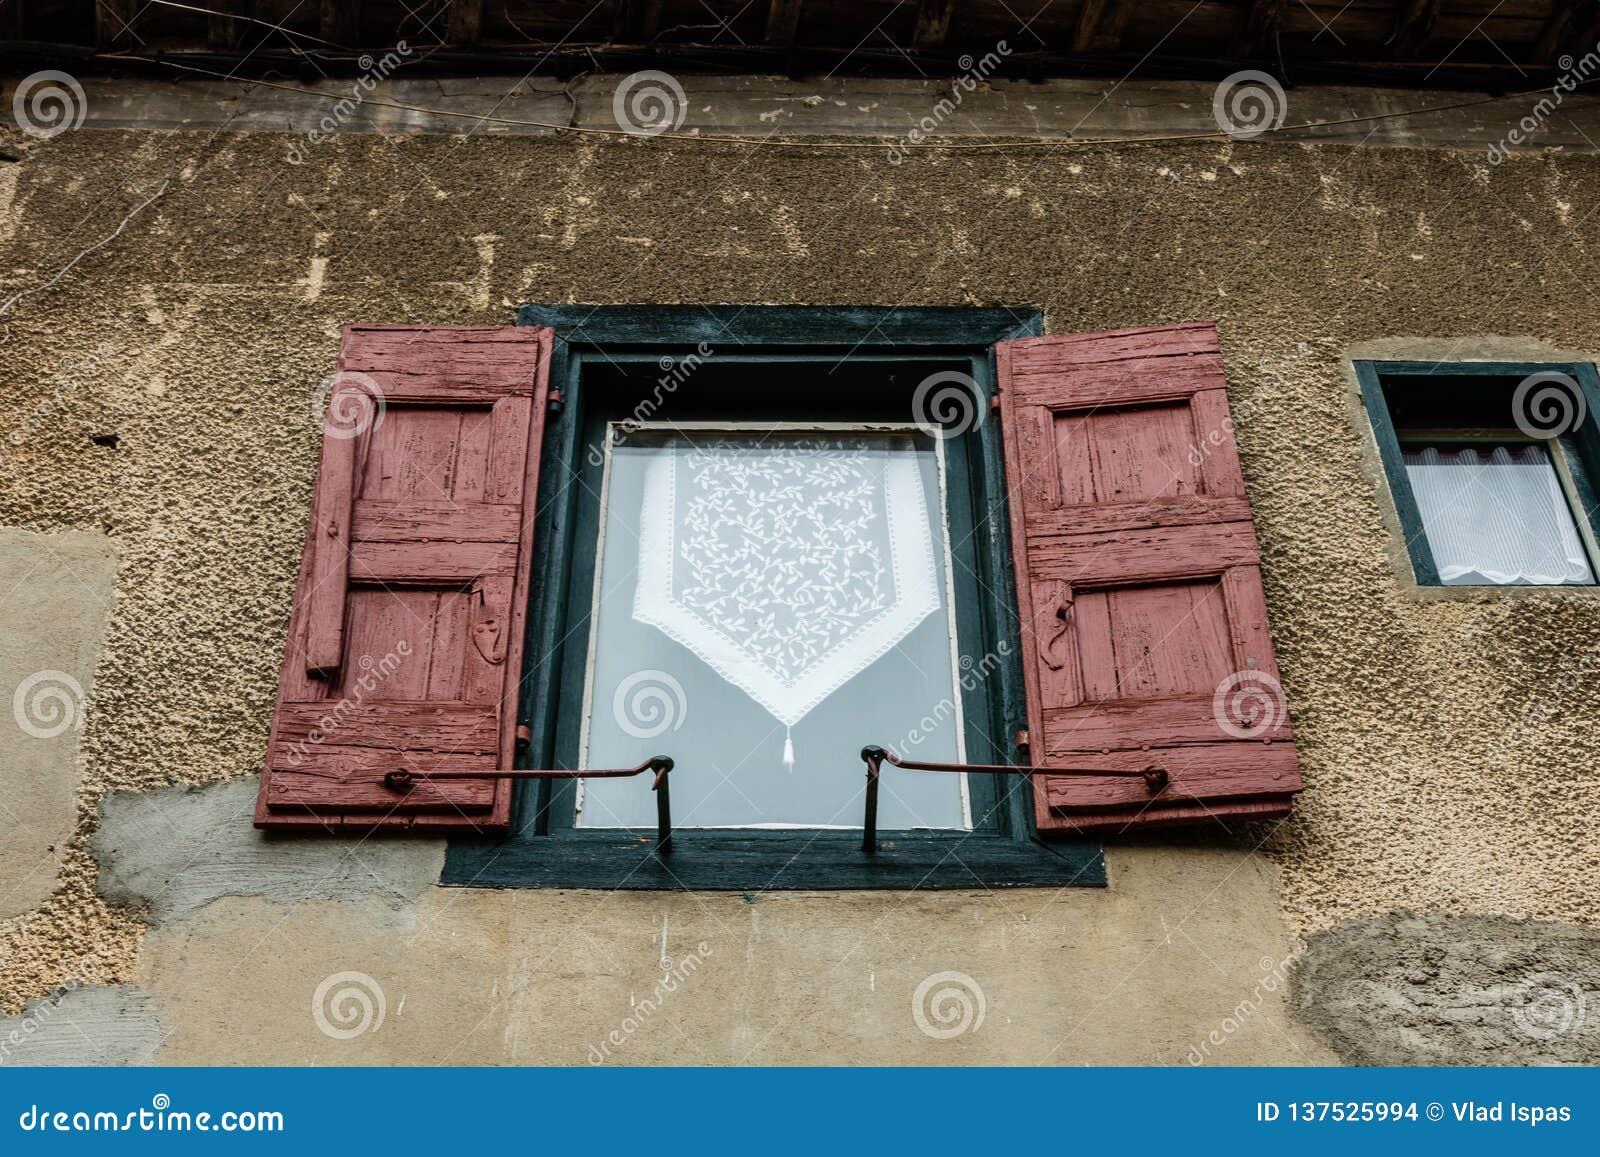 Mittelalterliche Fenster in Carcassonne die verstärkte mittelalterliche Zitadelle gelegen in der französischen Stadt von Carcasso